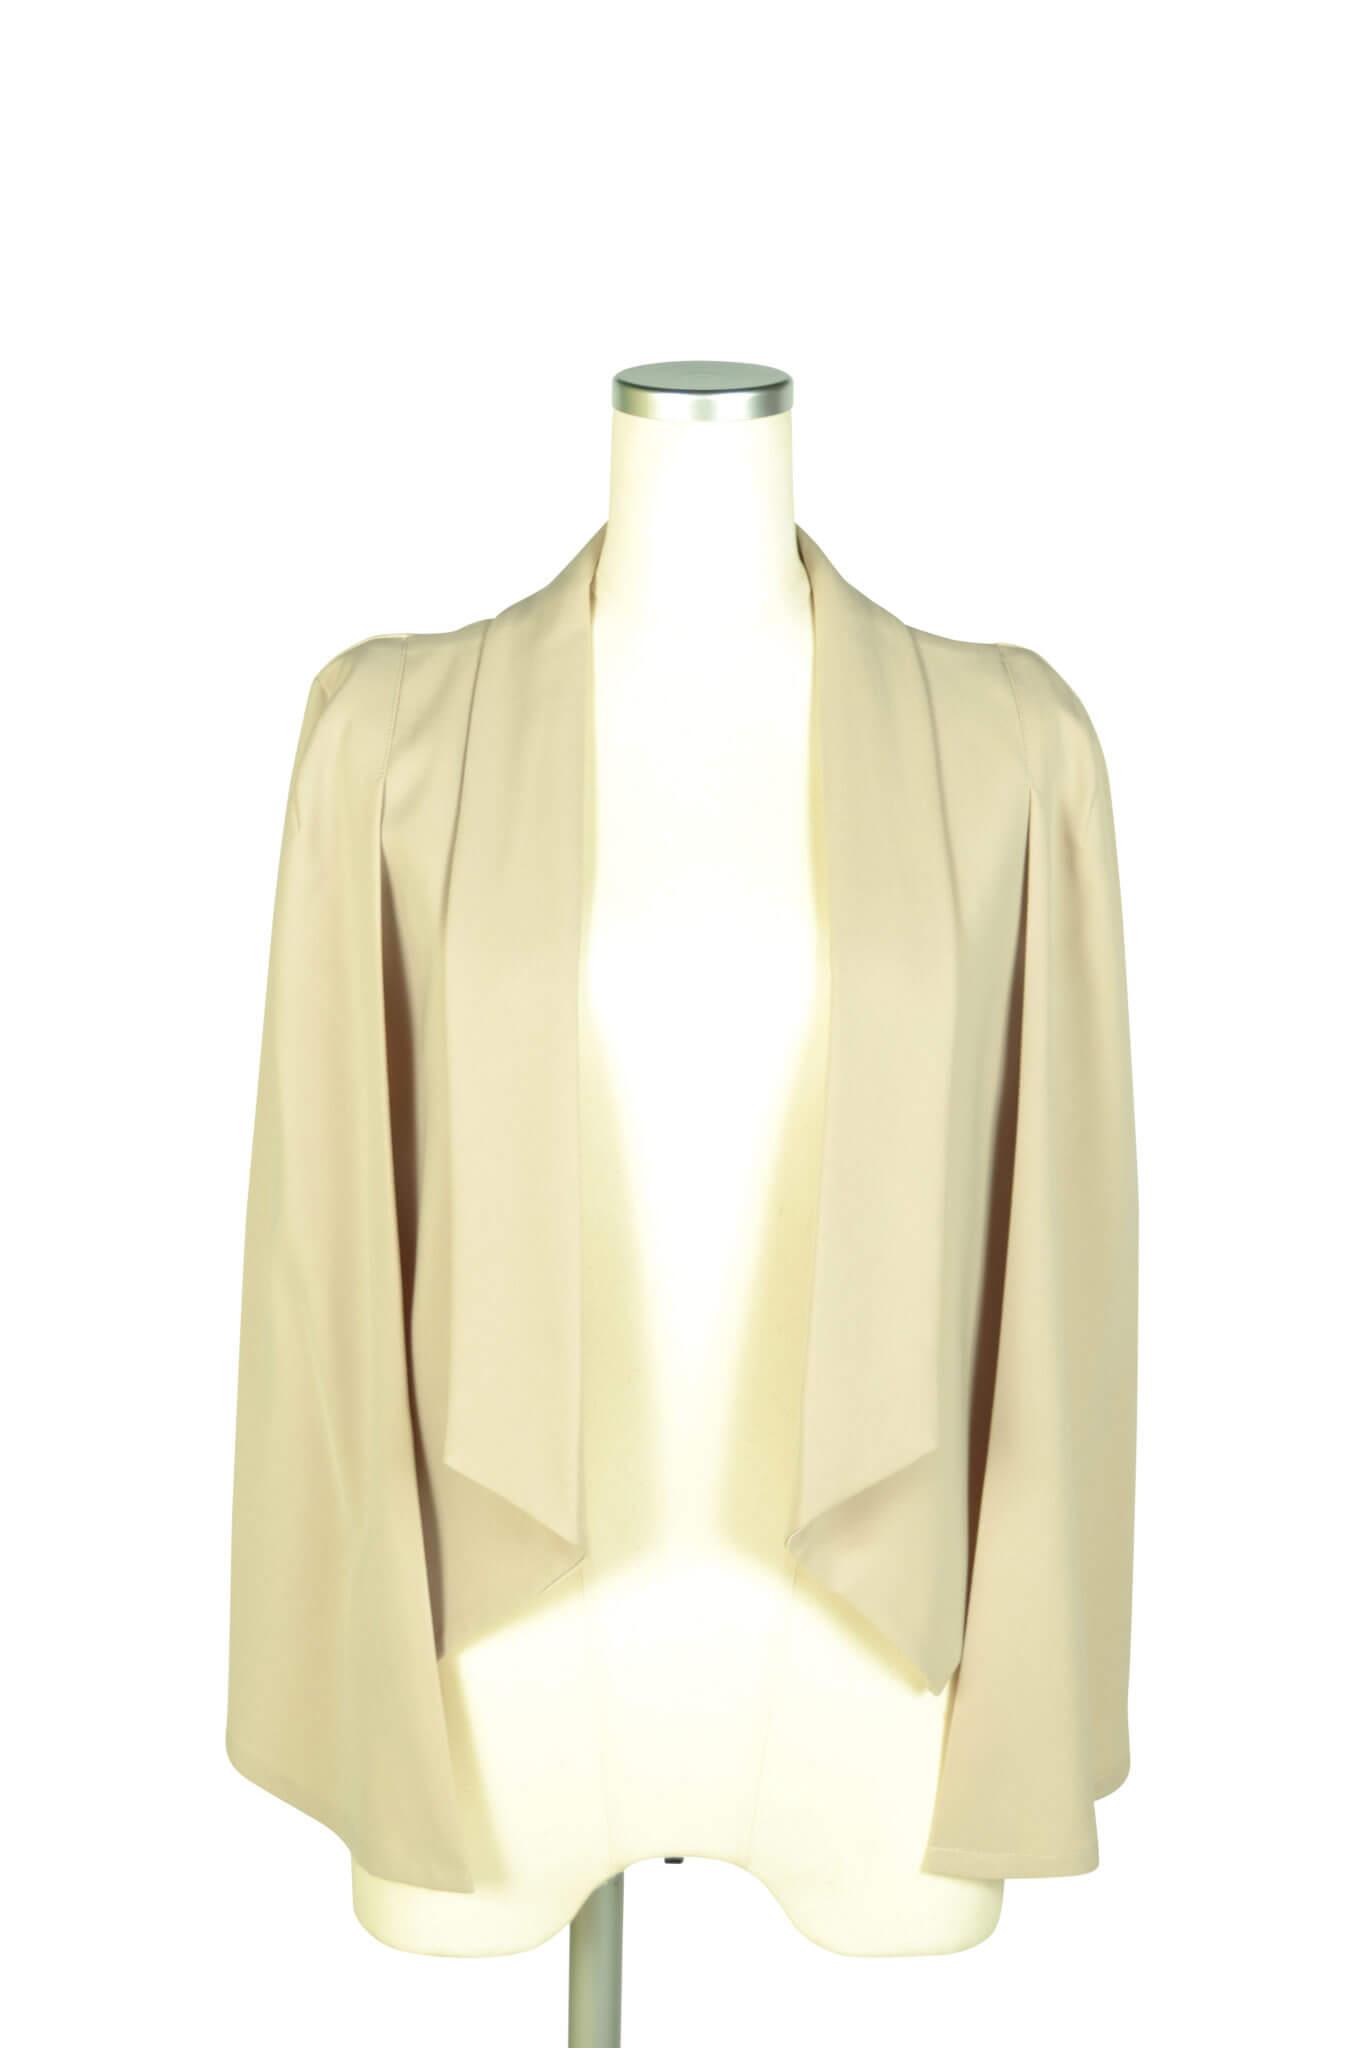 エルモソ リュクス (Hermoso luxe)襟付きケープ袖ベージュジャケット